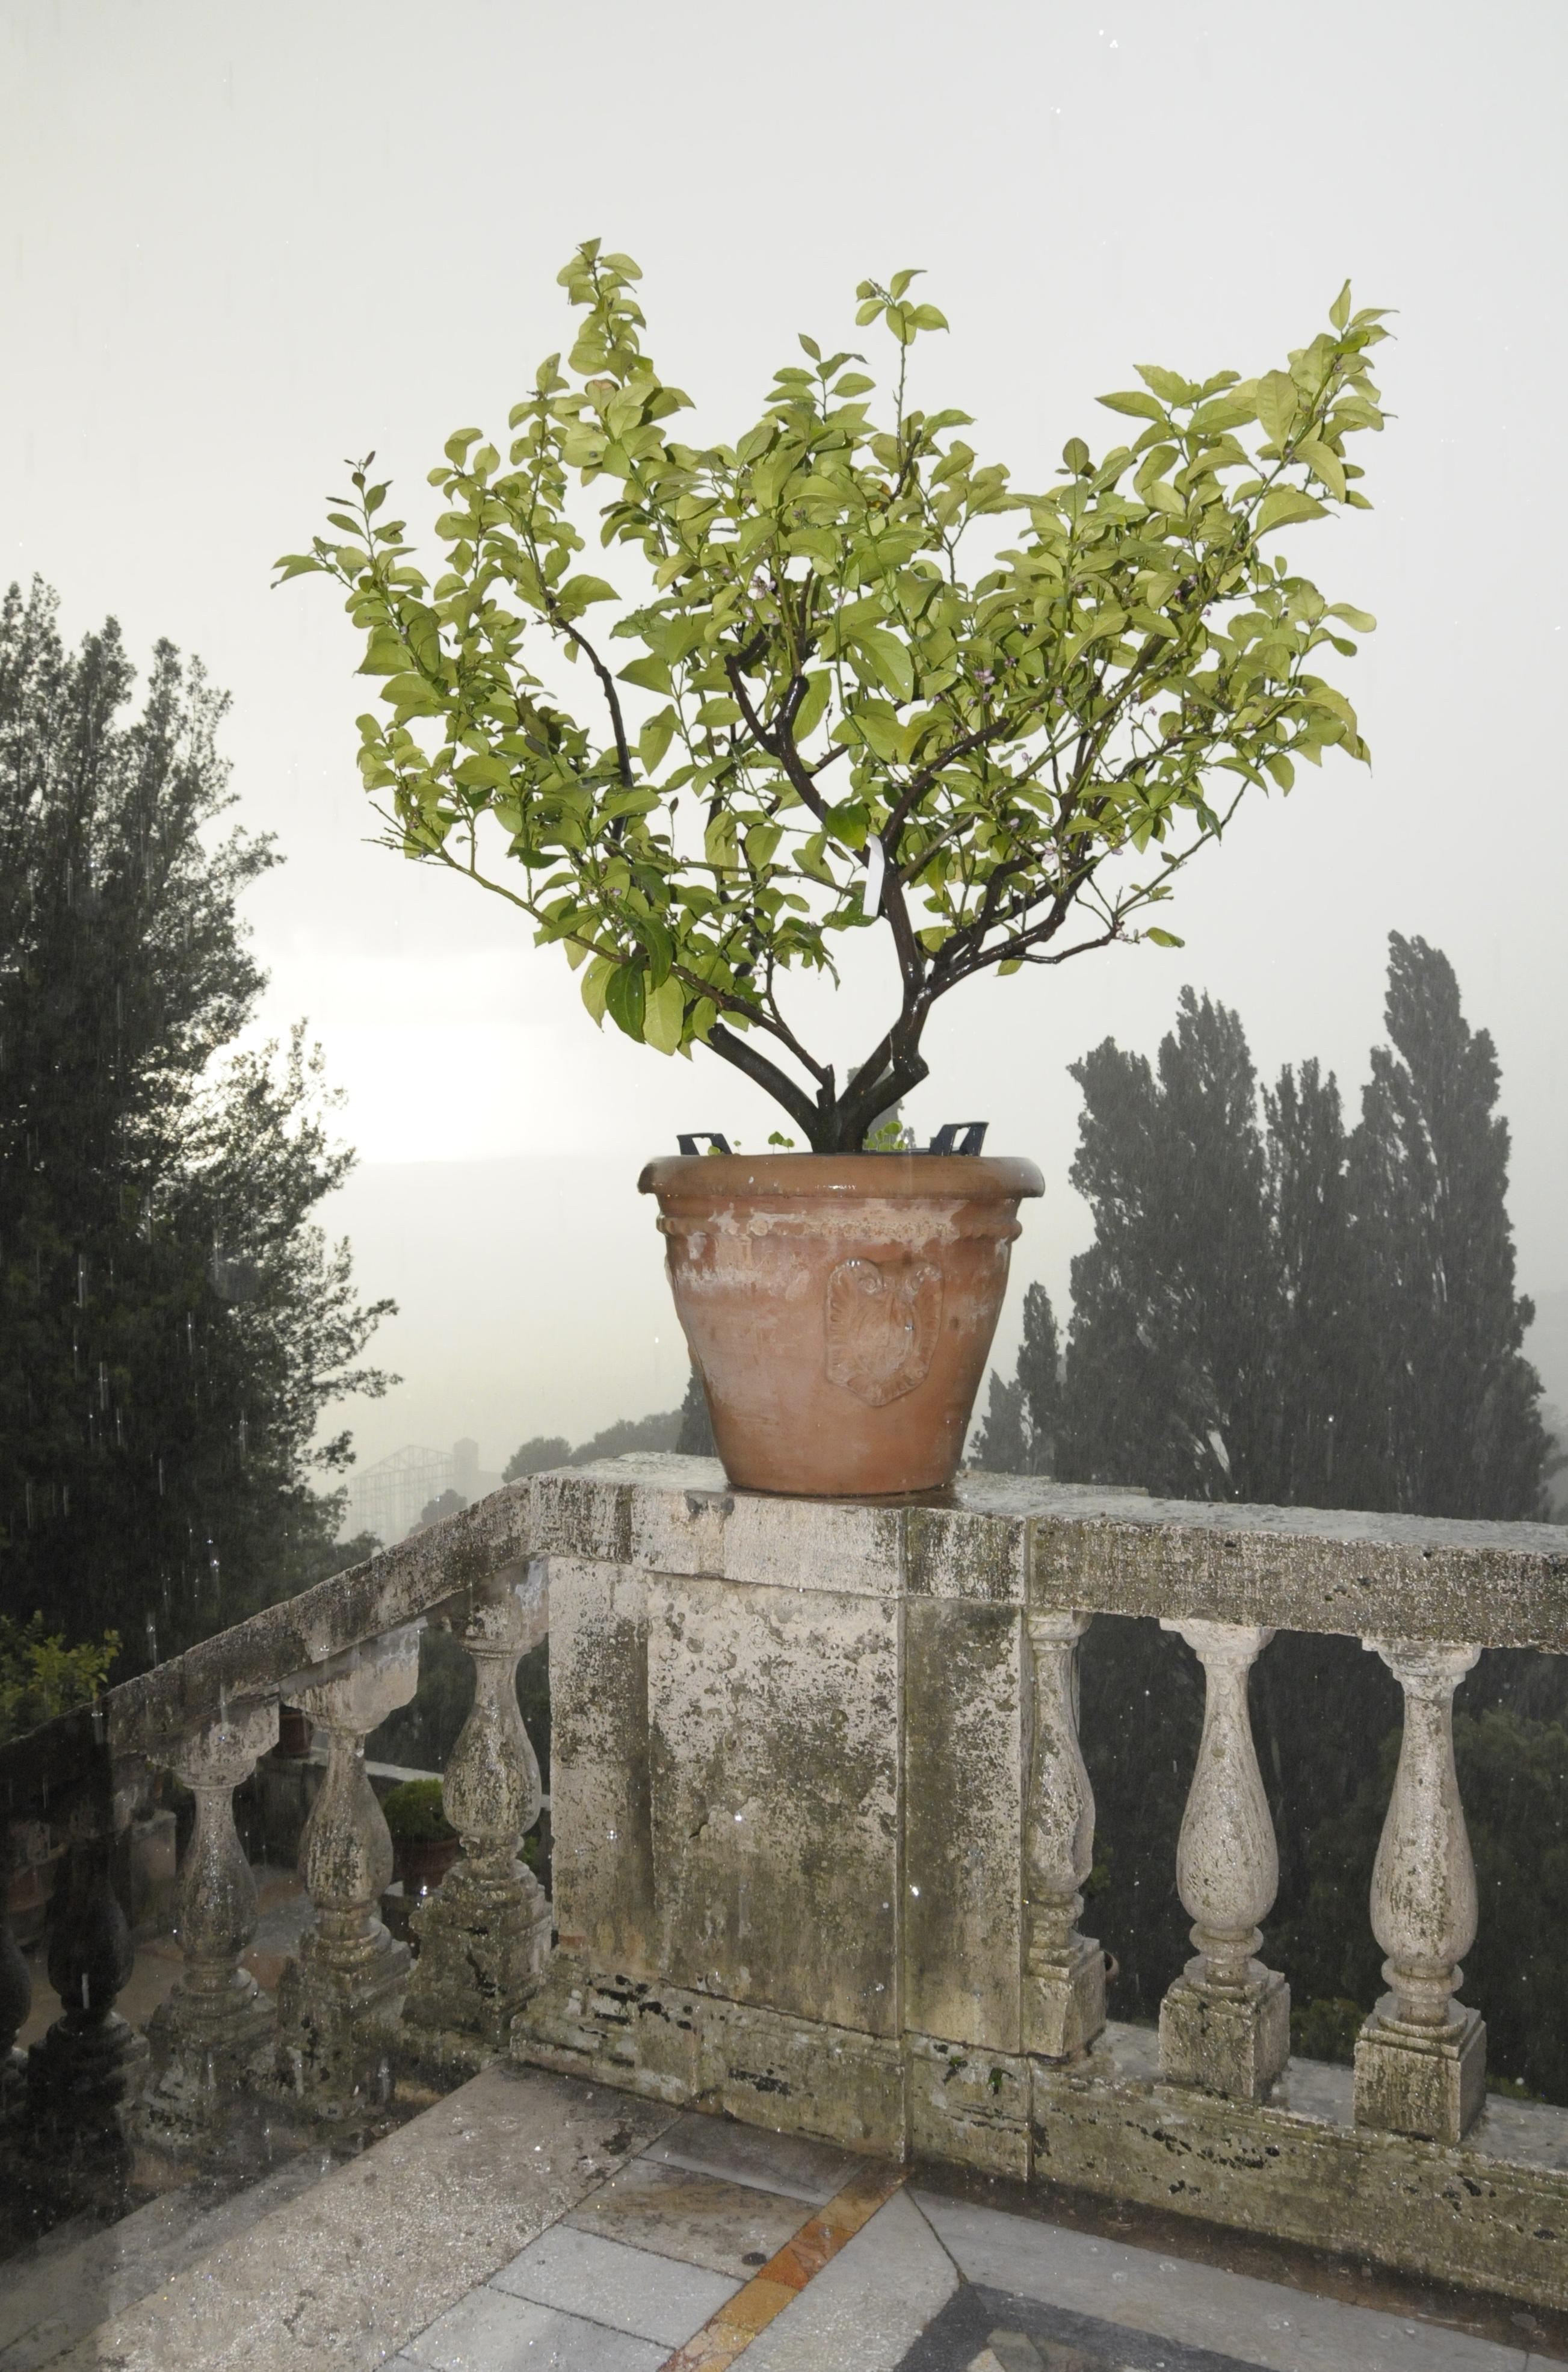 images gratuites arbre eau la nature fleur goutte de pluie humide balcon m t o. Black Bedroom Furniture Sets. Home Design Ideas